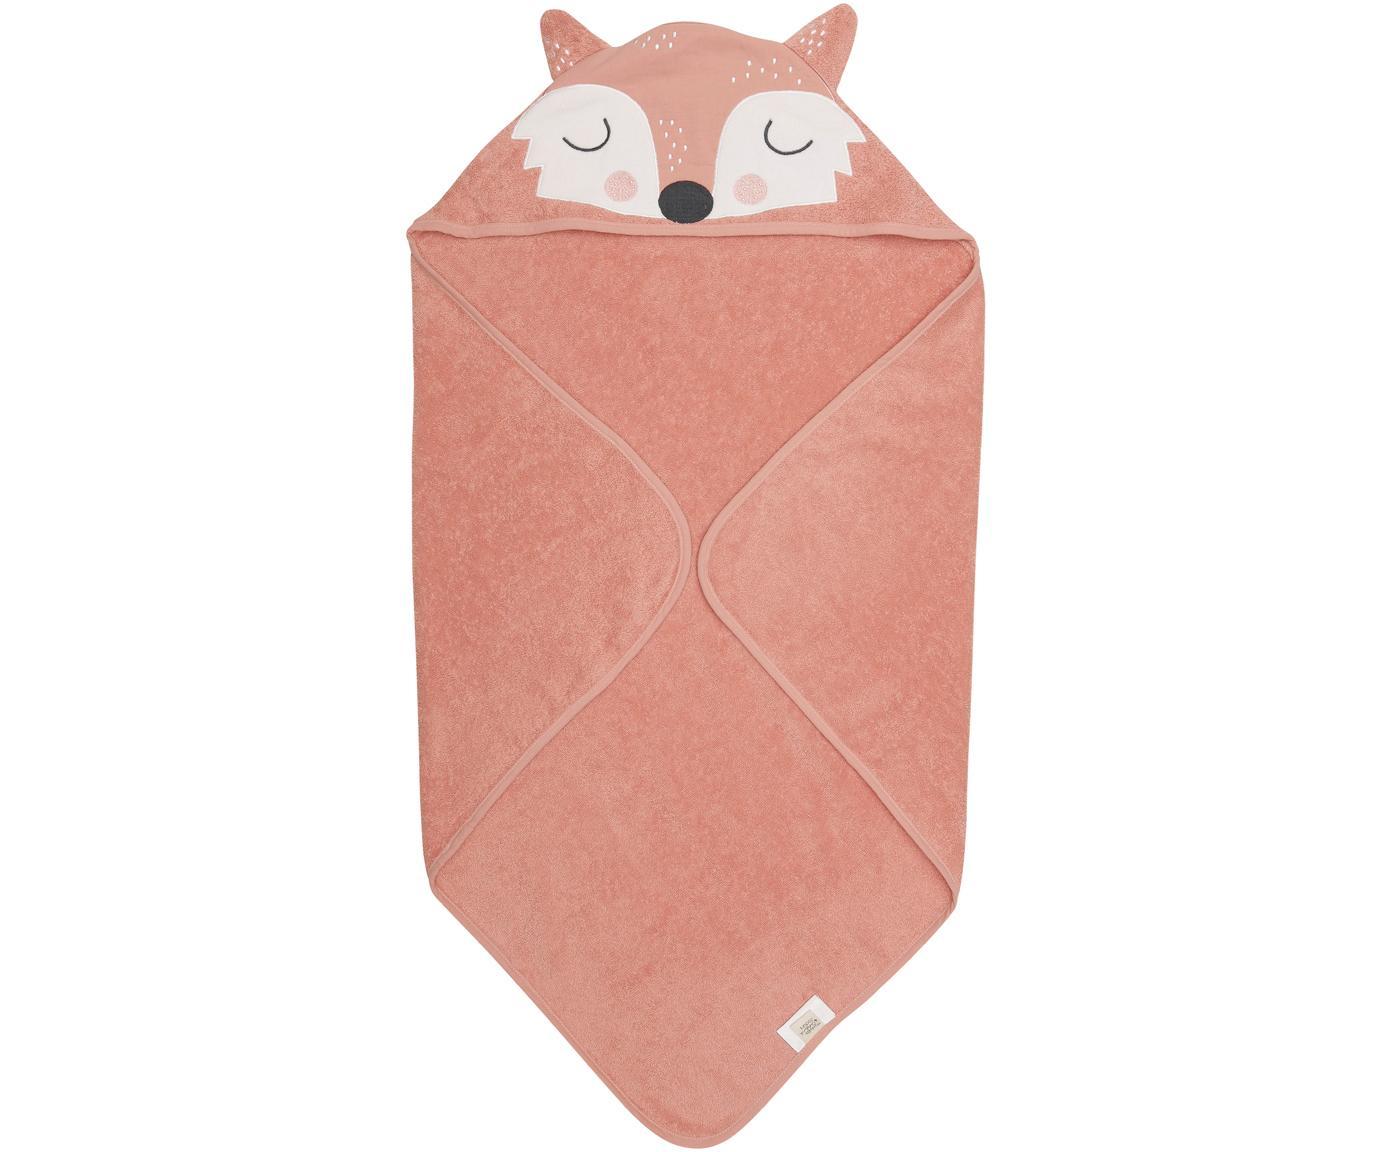 Babyhandtuch Fox Frida aus Bio-Baumwolle, Bio-Baumwolle, GOTS-zertifiziert, Rosa, Weiß, Schwarz, 80 x 80 cm